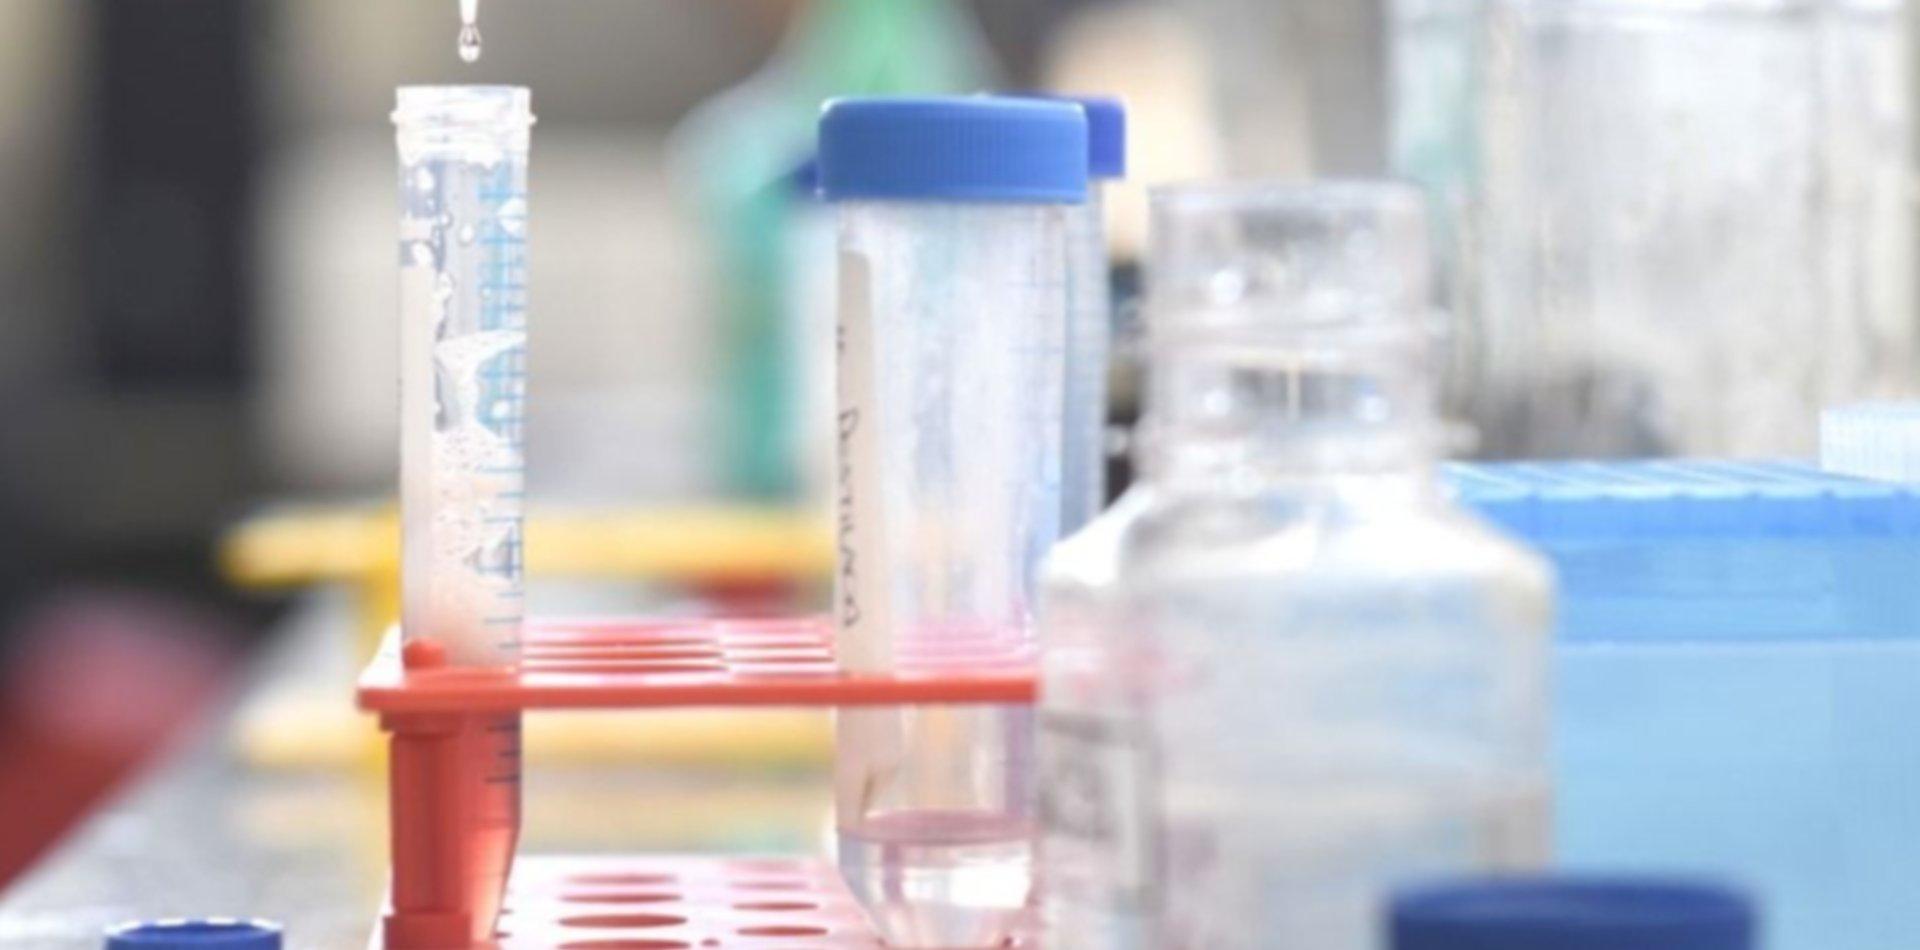 Investigadores de la UNLP comprueban el daño que causa una enfermedad rara en los riñones